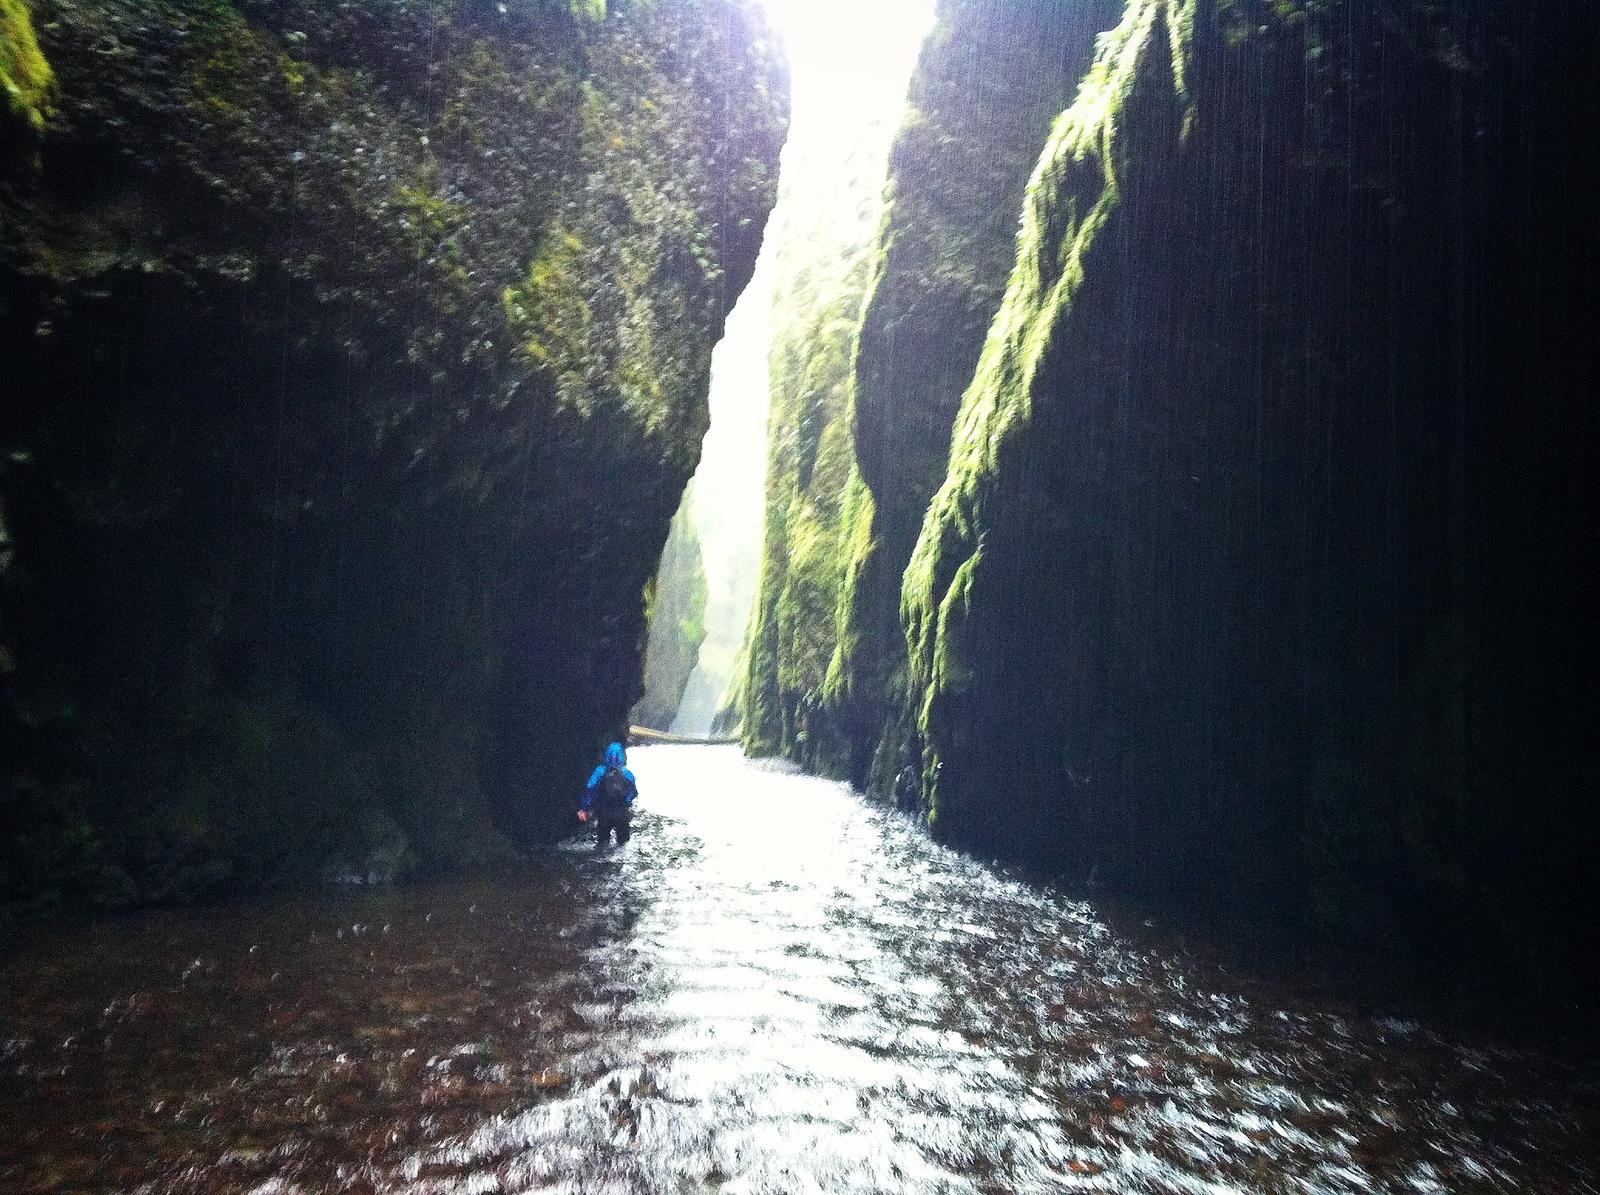 Exploring the Oneonta Gorge, Oregon